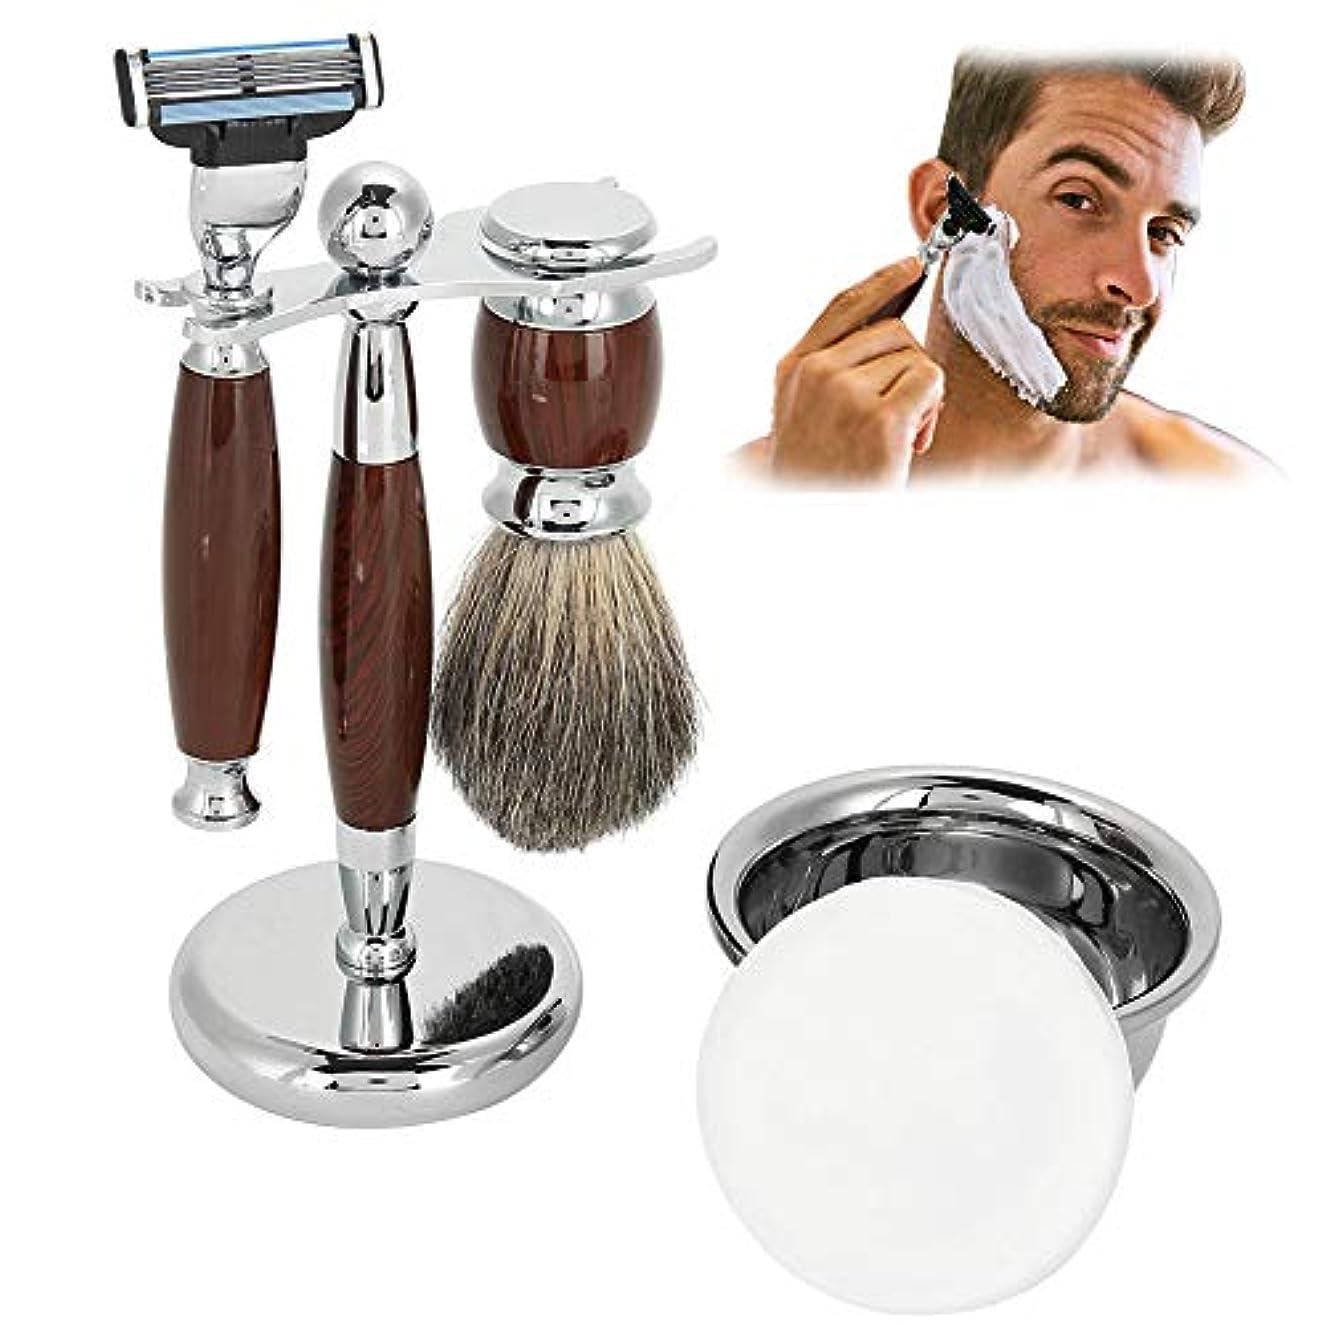 静めるディレクターSemme 5 in 1シェービングセットメンズ耐久性のある剃毛ツール高級木製ハンドル手動シェーバーブラシスタンドステンレス鋼シェービングボウルと石鹸(#1(模造木箱))